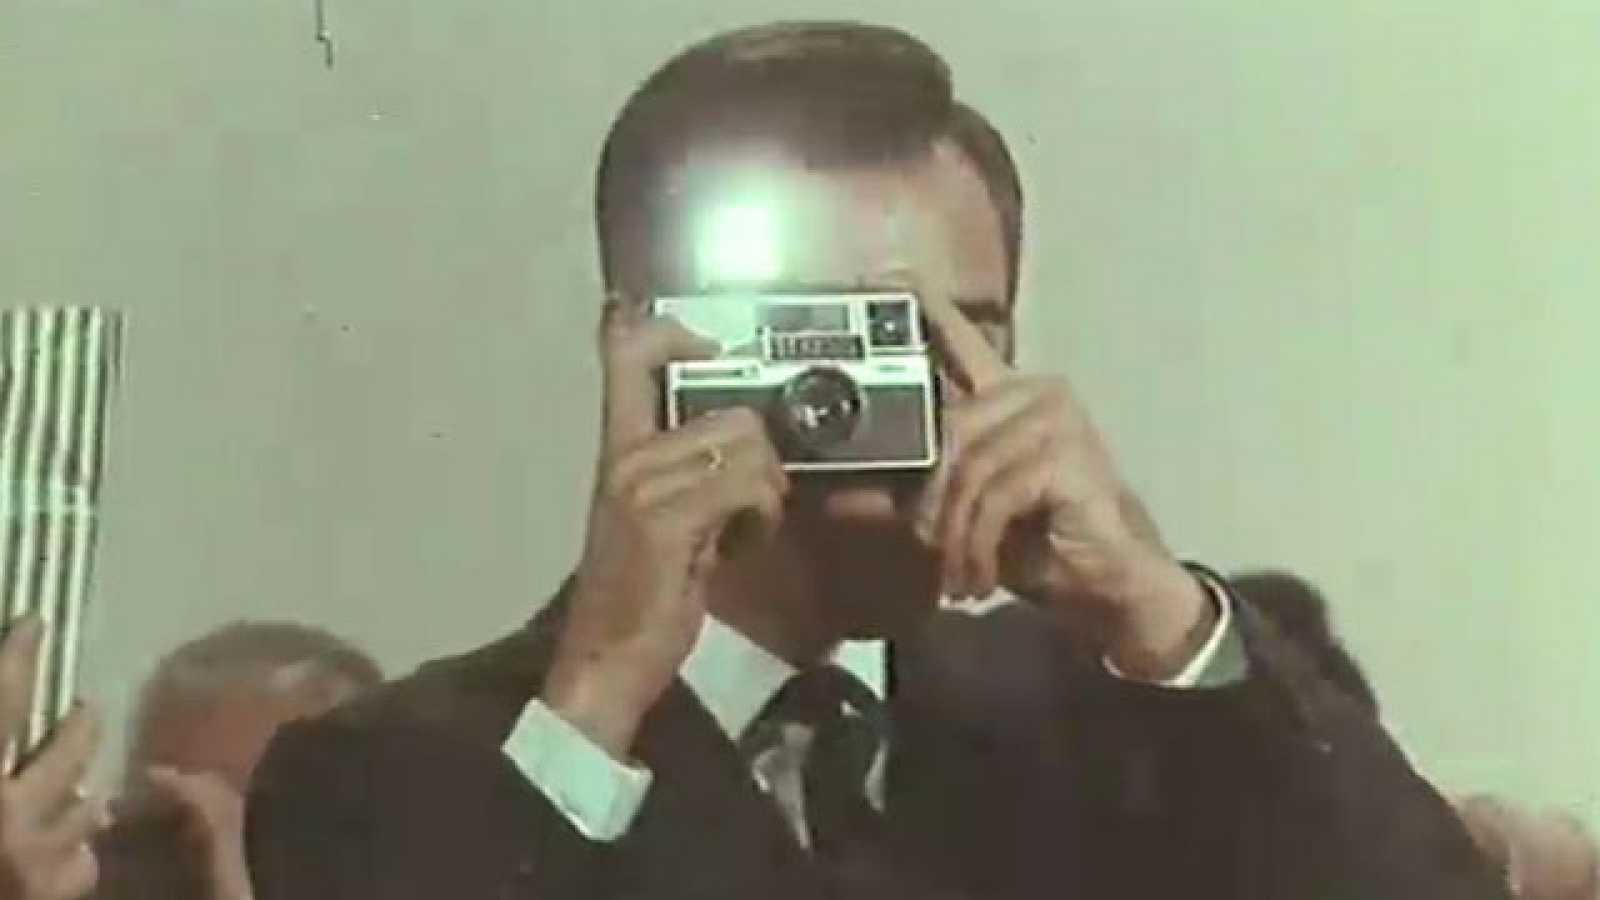 Los anuncios de tu vida - Los recuerdos del viaje en la cámara de fotos